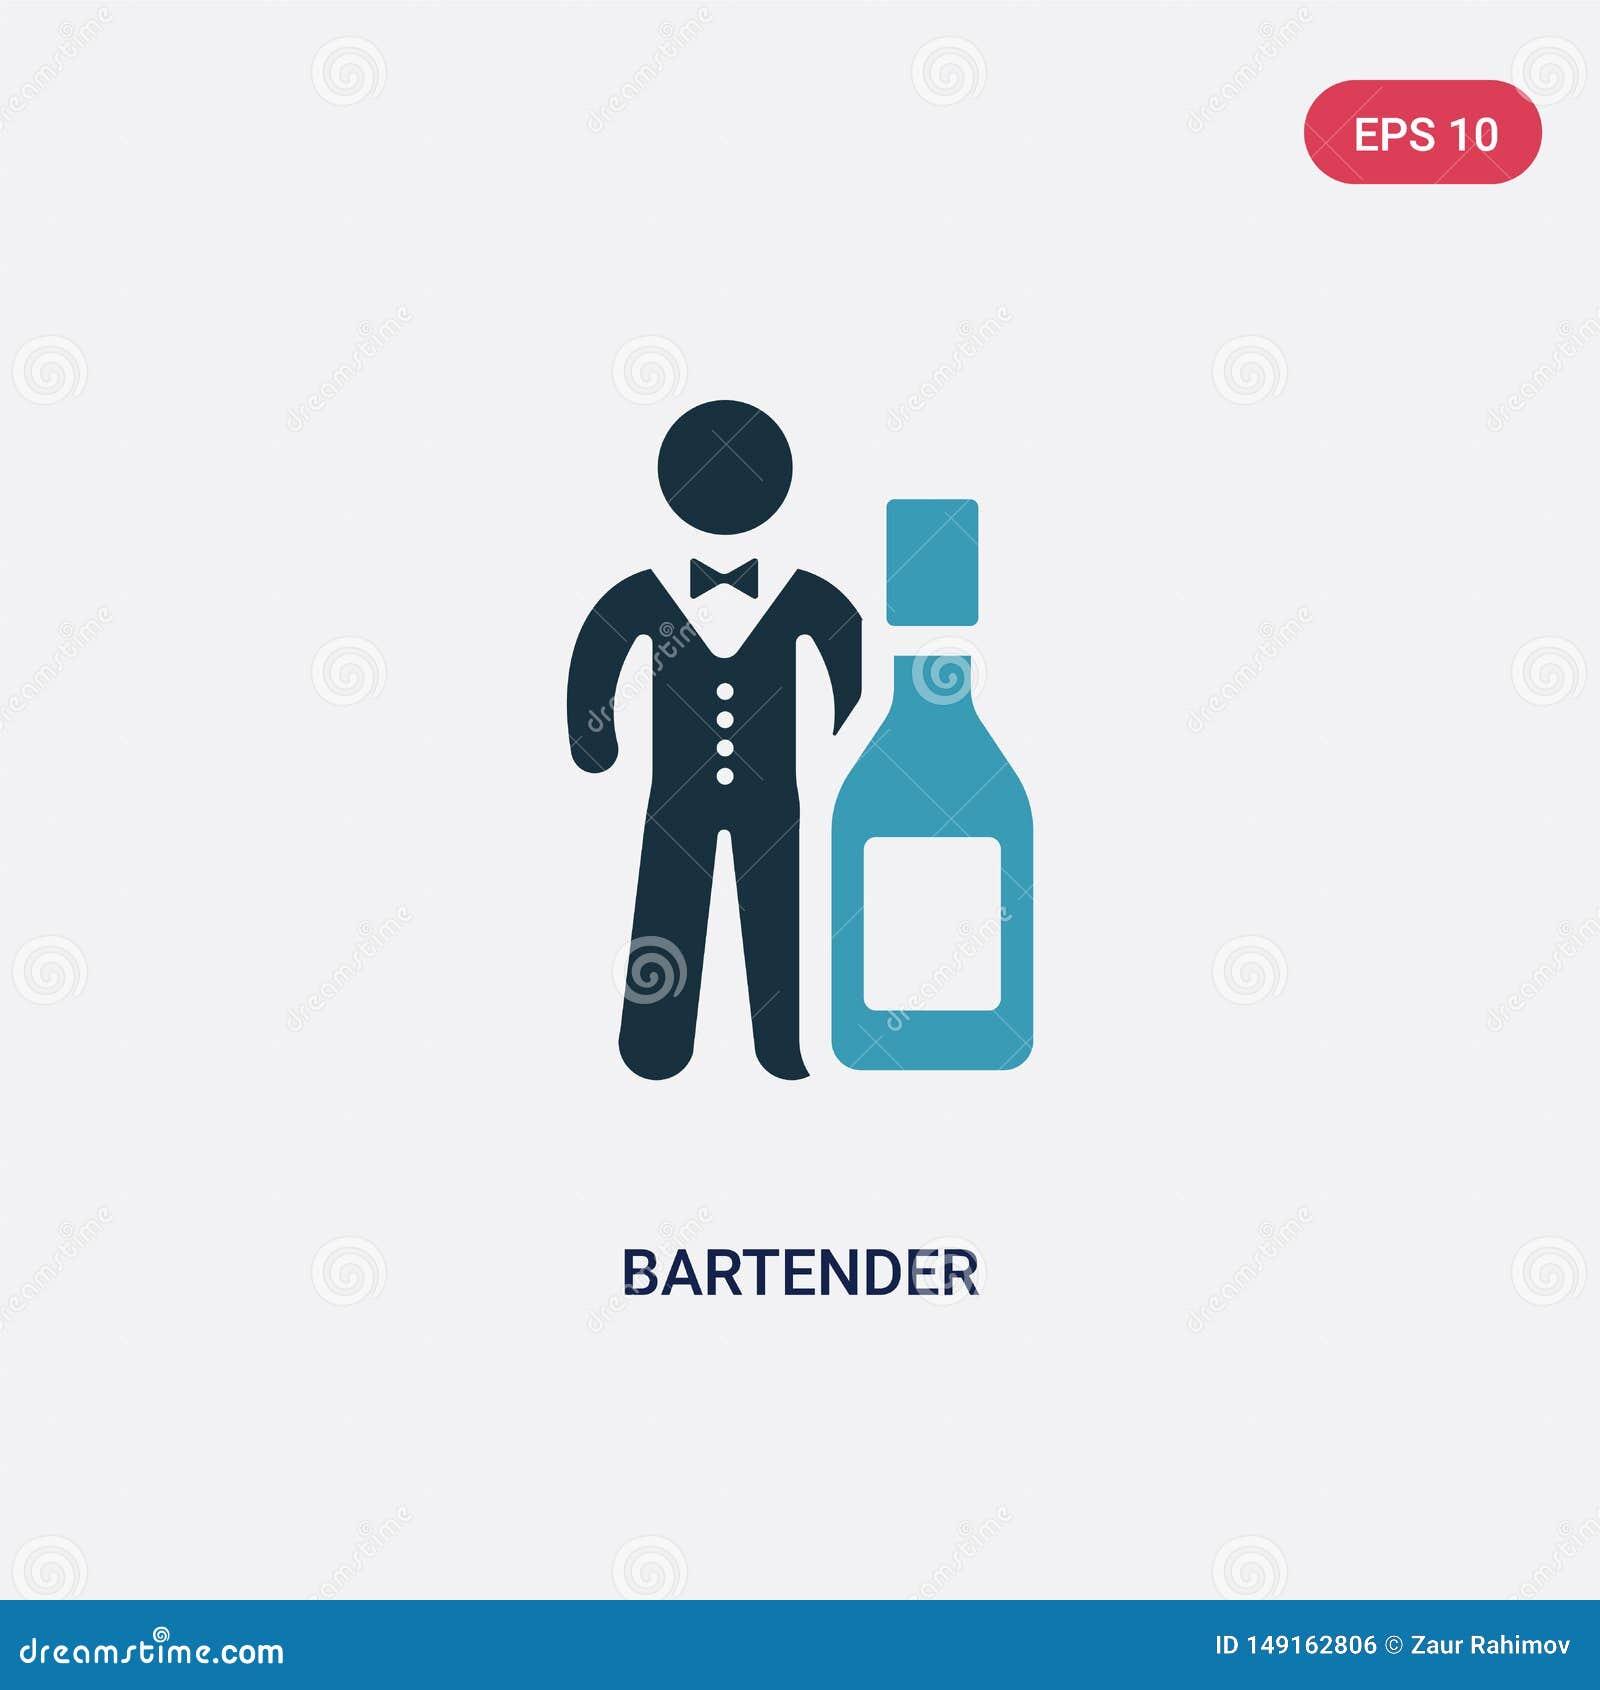 Bartender δύο χρώματος διανυσματικό εικονίδιο από την έννοια δεξιοτήτων ανθρώπων το απομονωμένο μπλε bartender διανυσματικό σύμβο